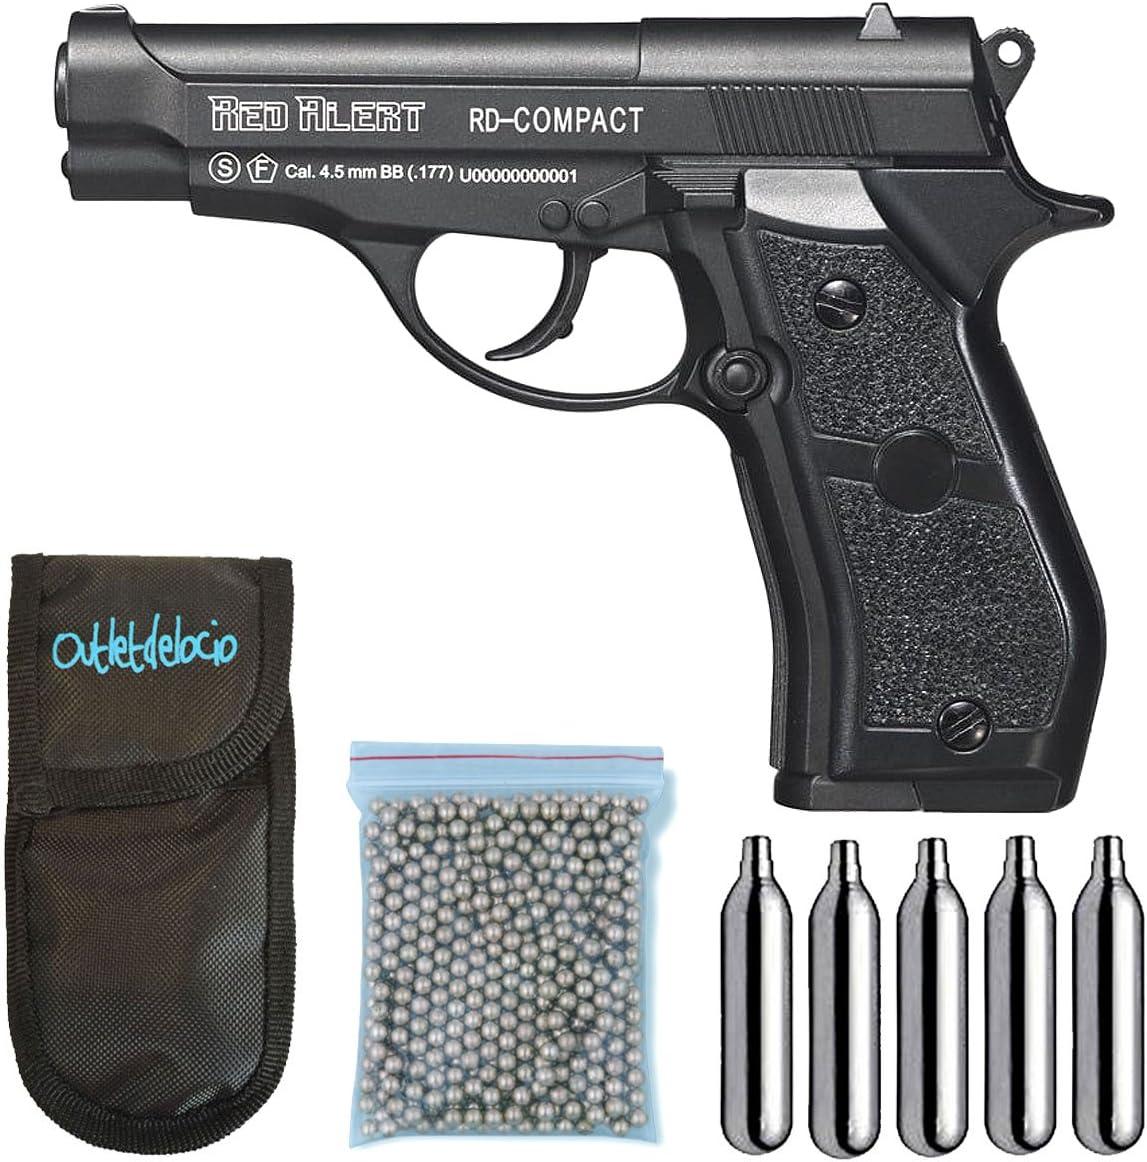 Outletdelocio., Pistola Perdigón Gamo Red Alert RD-Compact. Calibre 4,5mm BBS, Funda Portabombonas, Balines y Bombonas co2, 23054/29318/13275